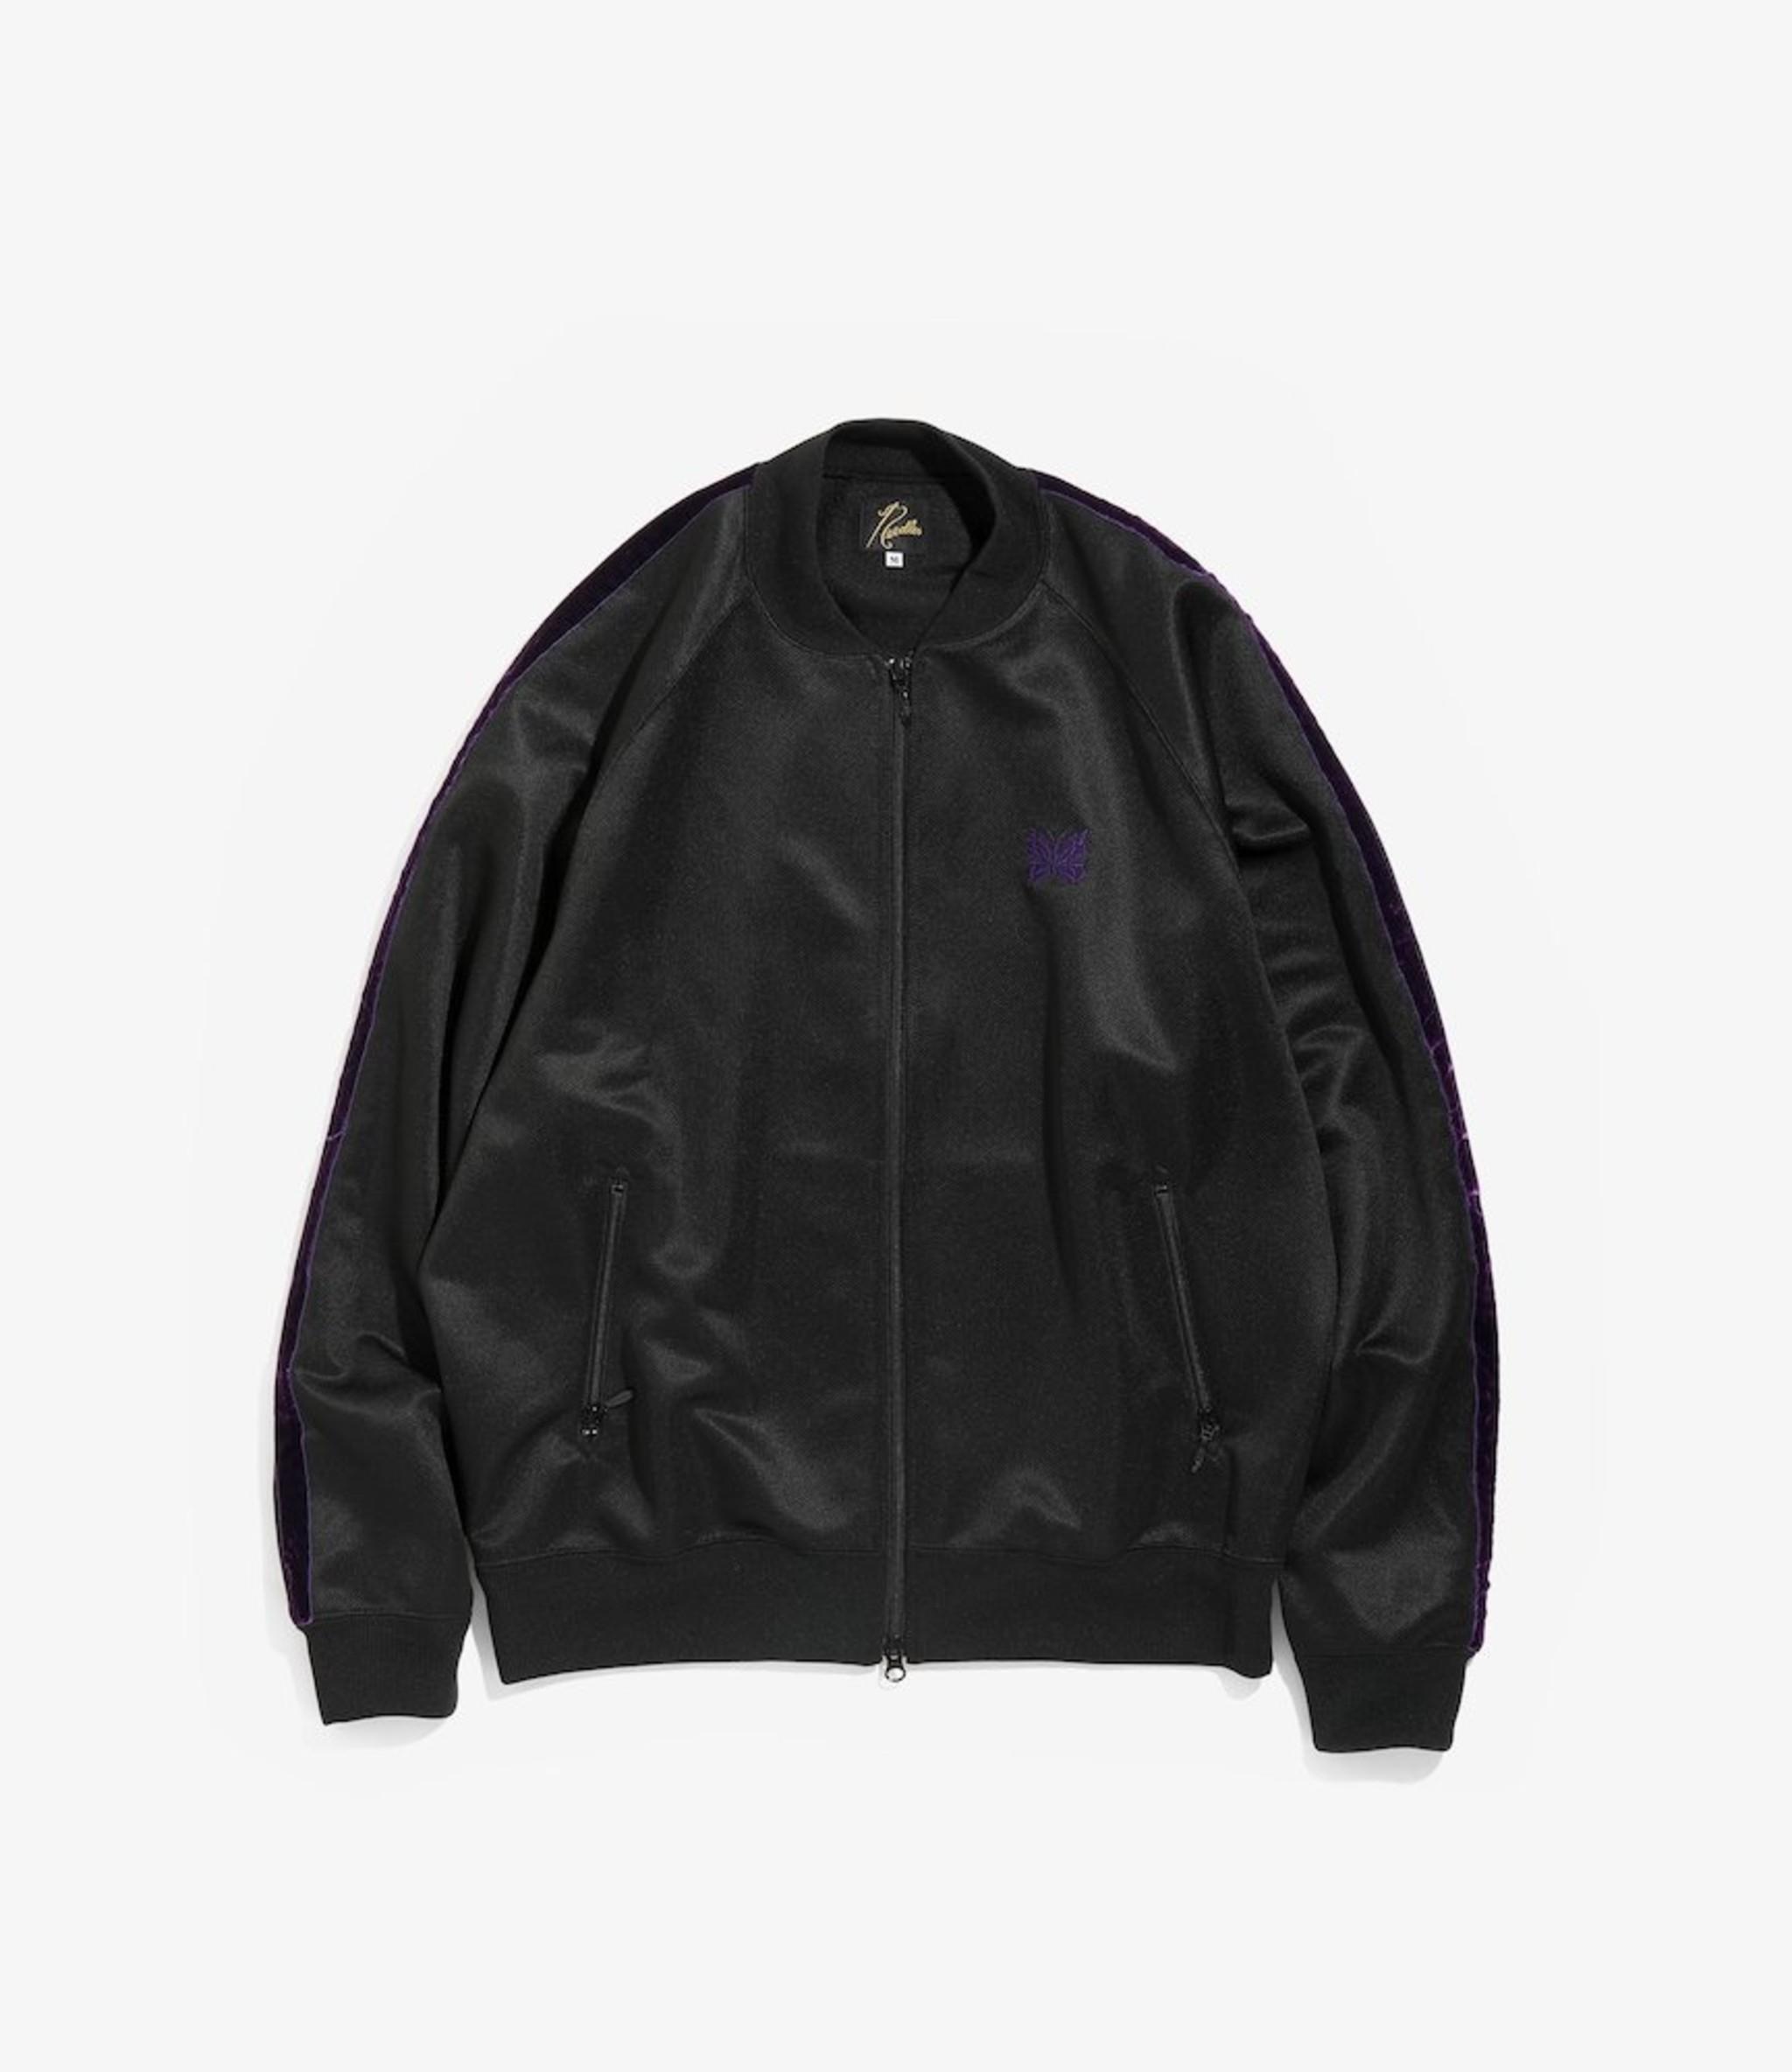 Needles S.L. Rib Collar Jacket - Bright Jersey - Black/Purple